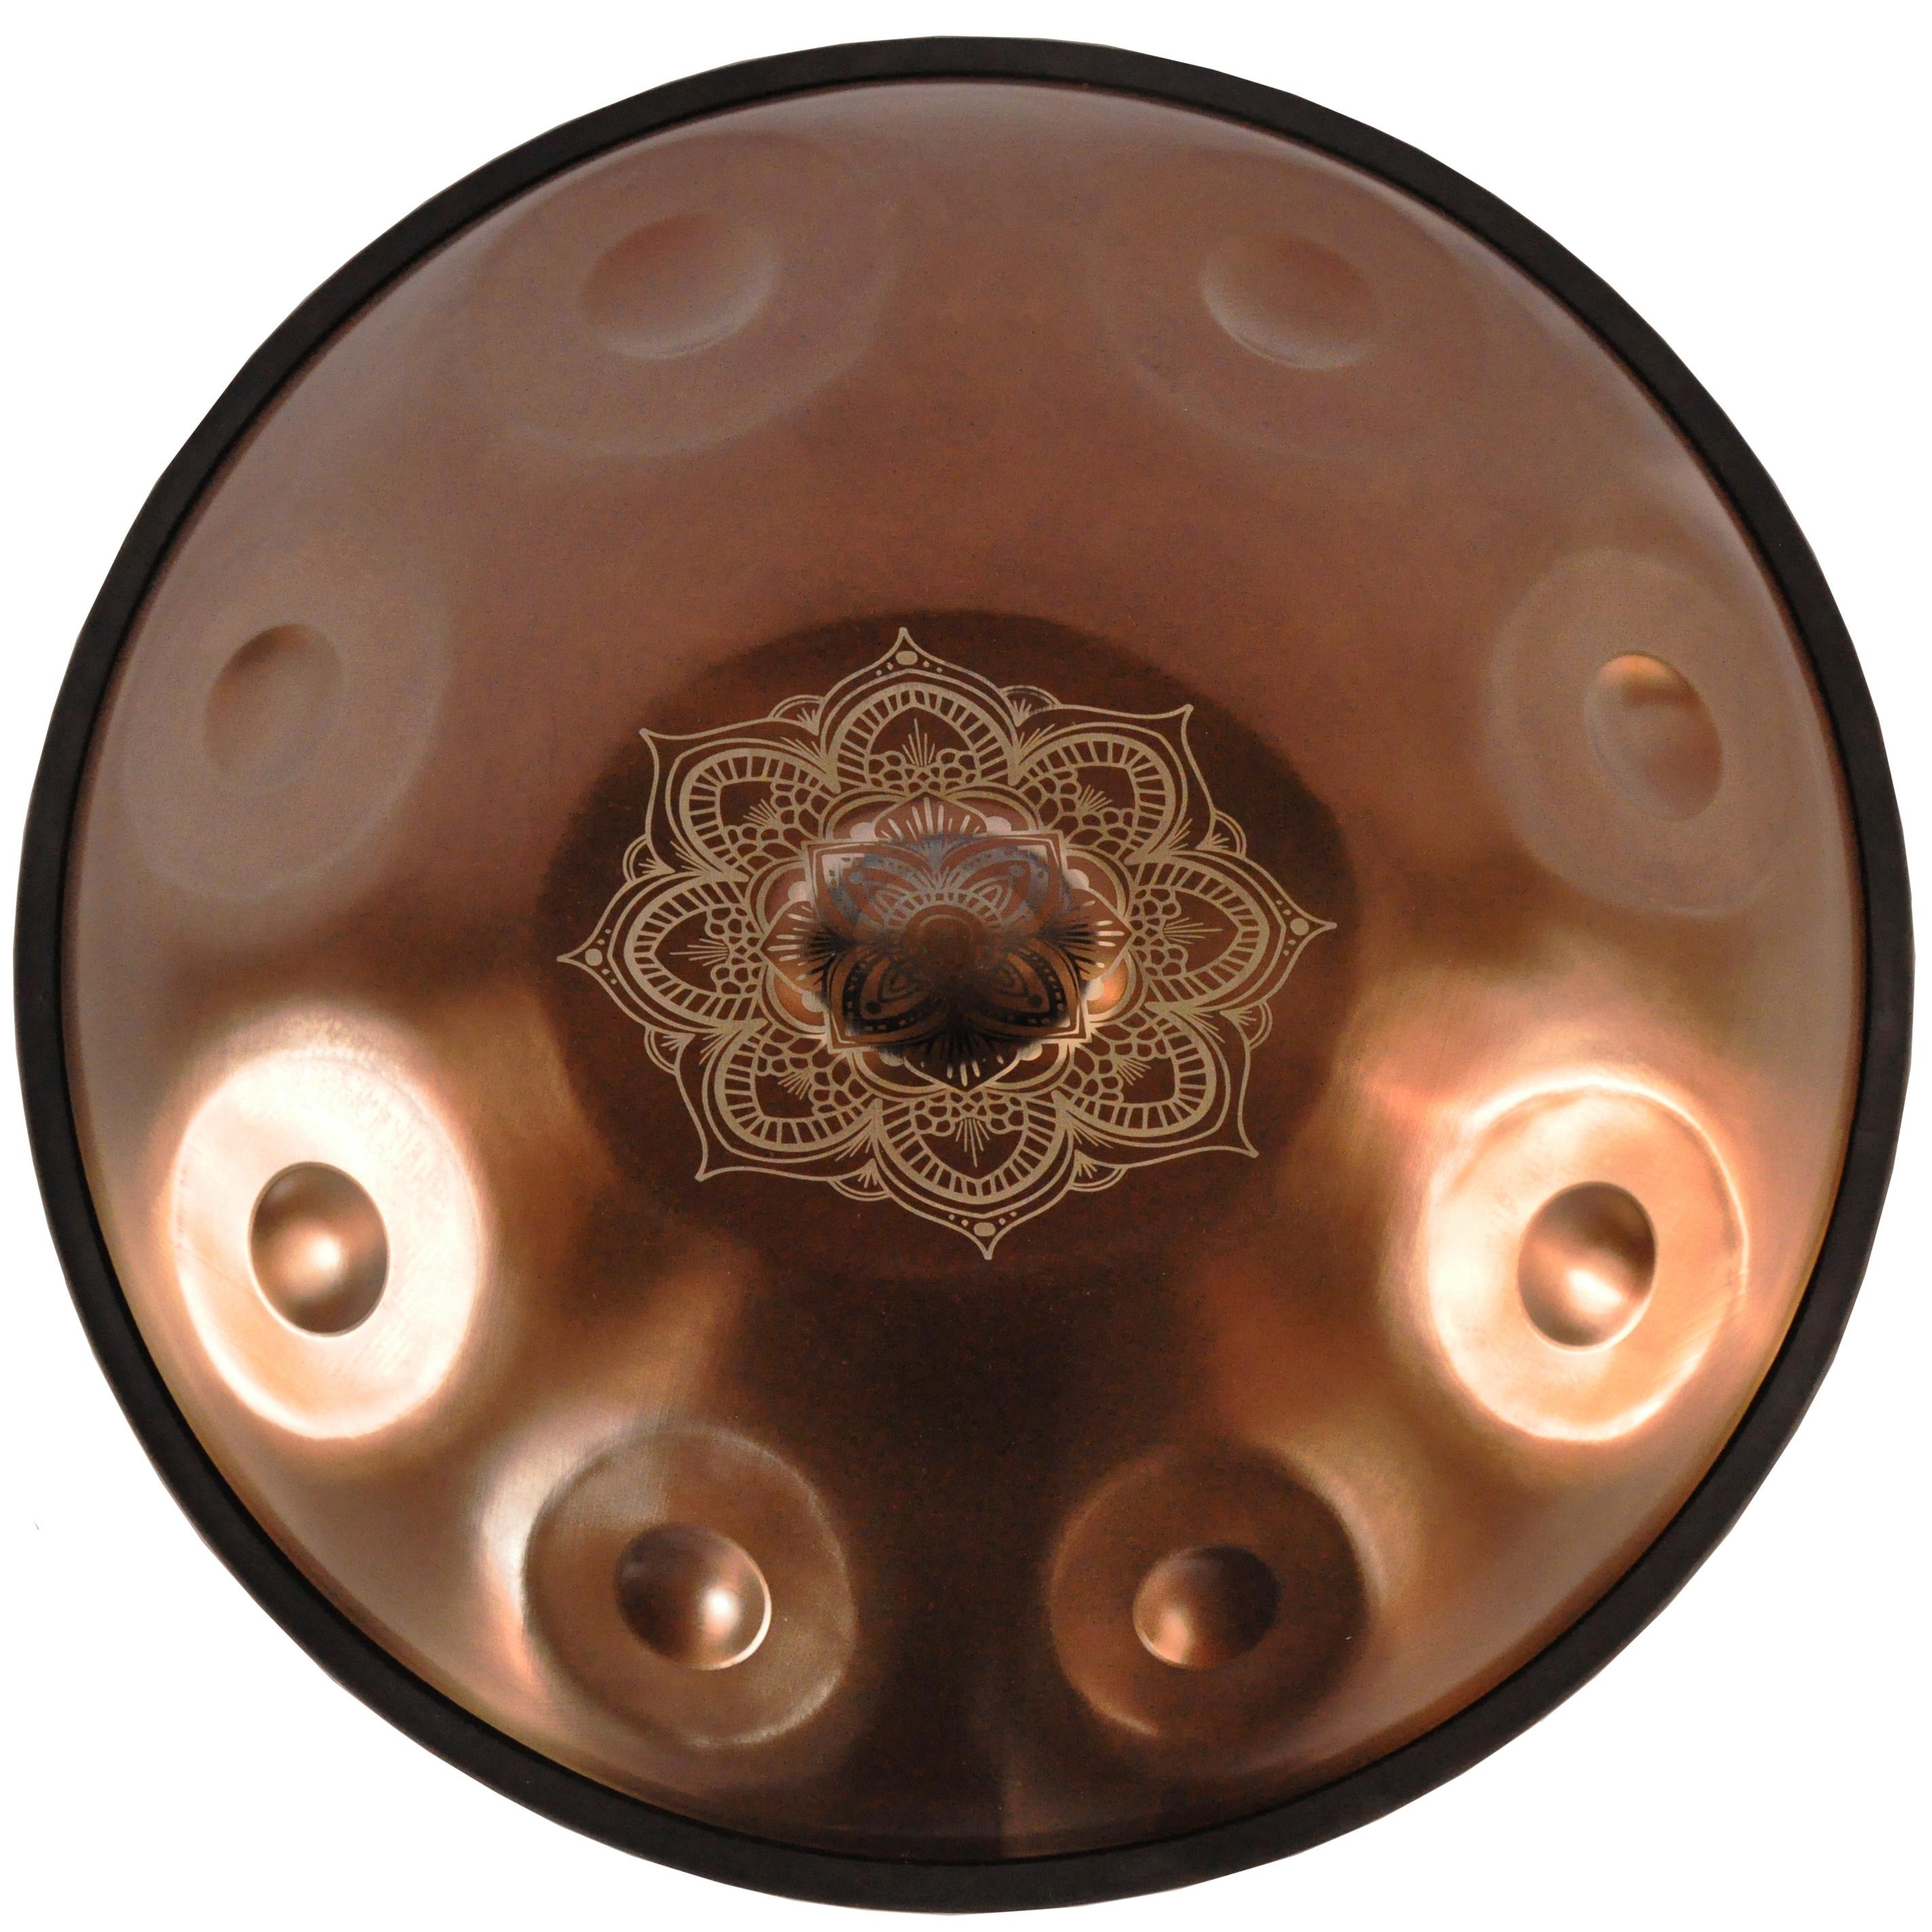 Ugur Handpan, D Celtic Minor, Bronzefarben mit Gravur, inklusive Tasche